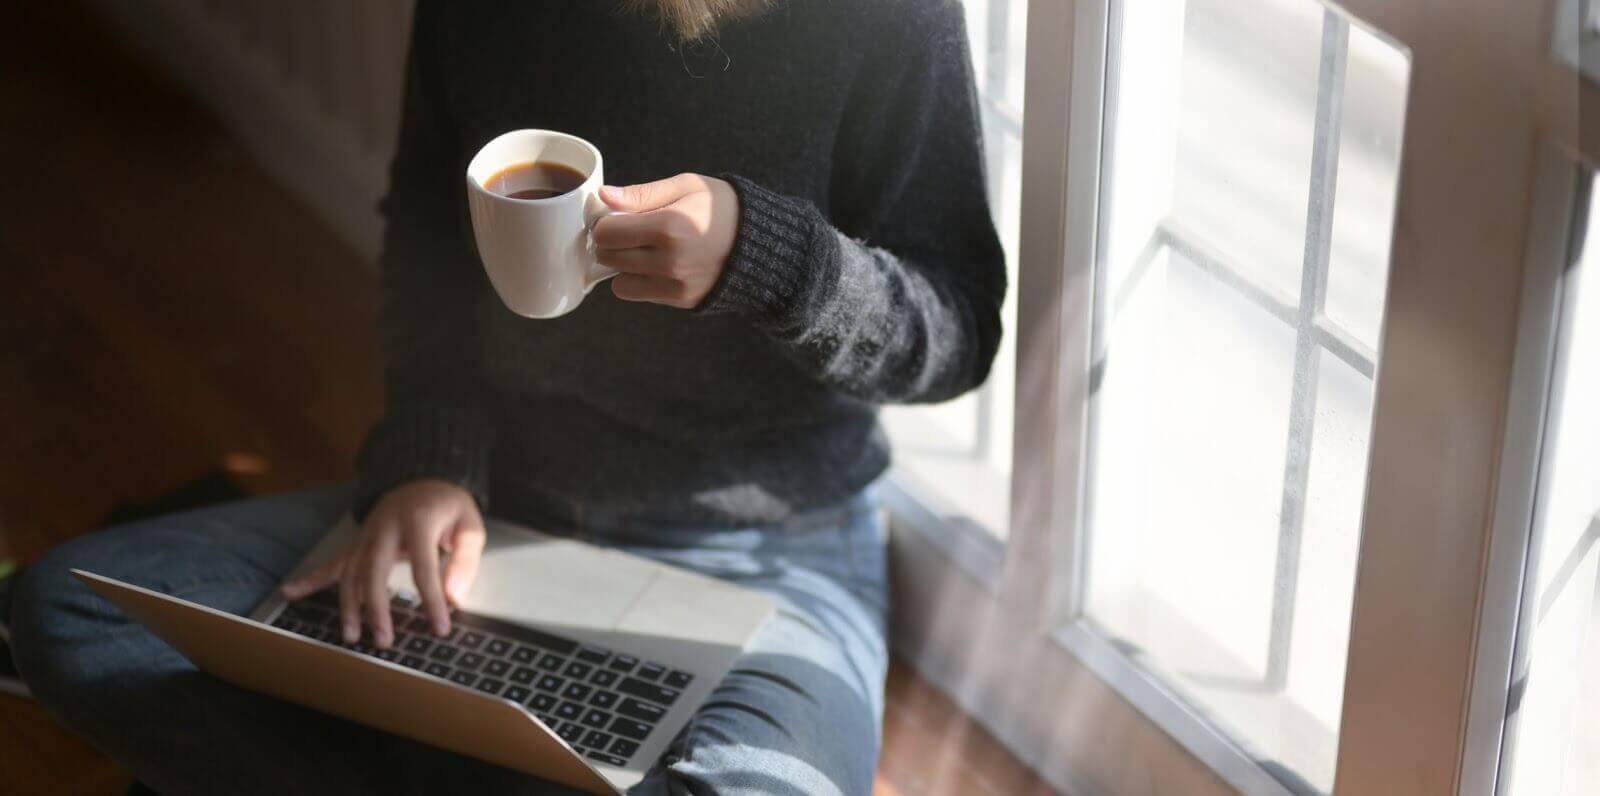 9 labākie efektīvie rīki, kas palīdz palielināt jūsu produktivitāti, strādājot mājās